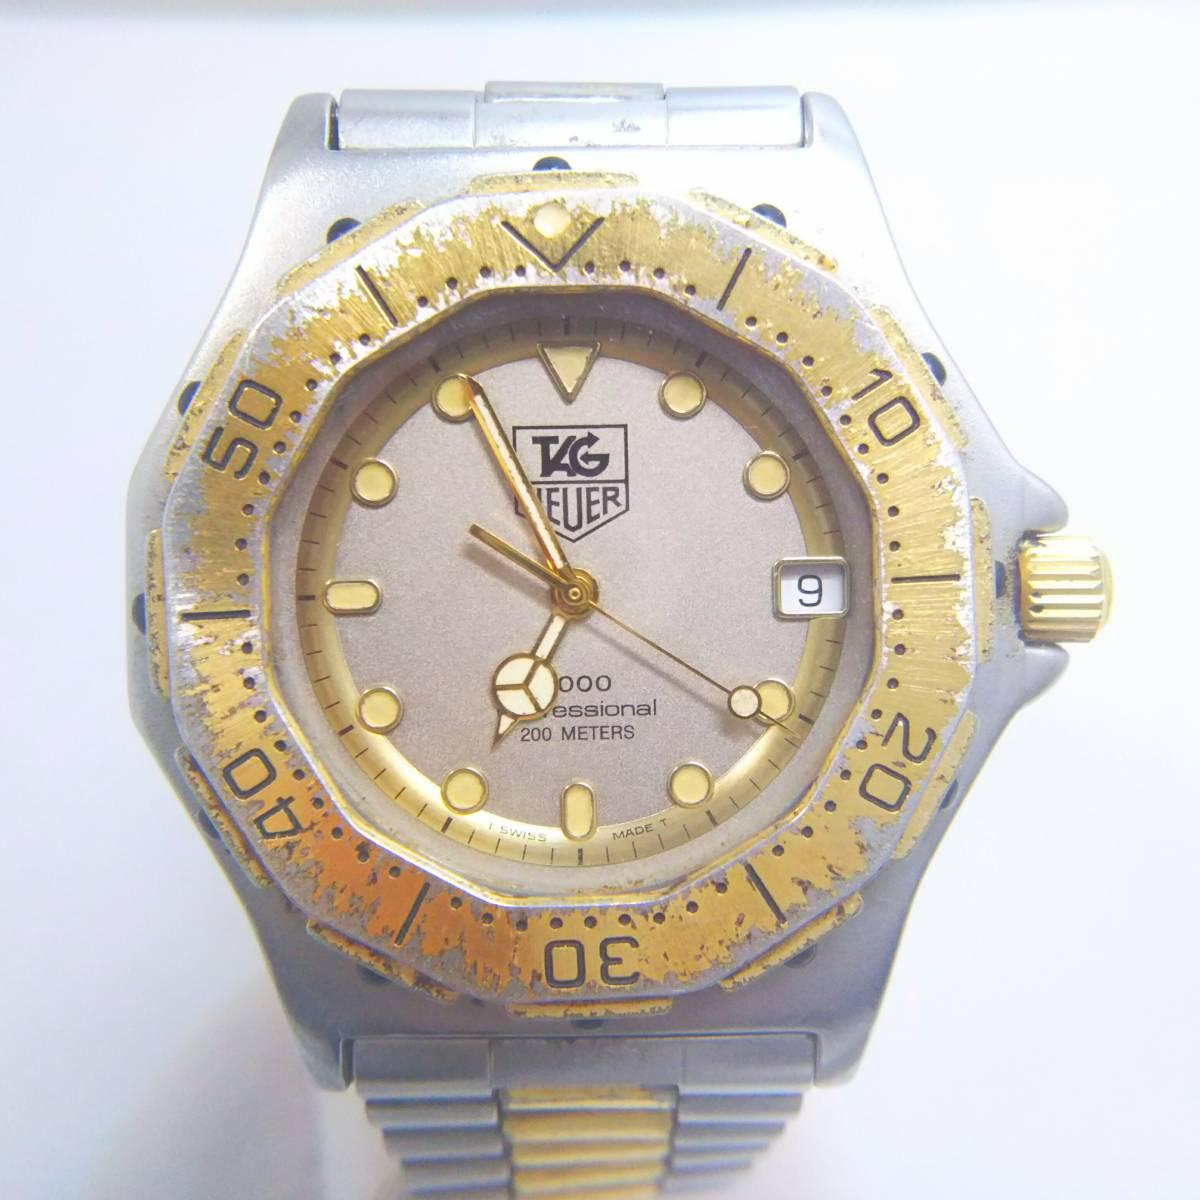 TAG HEUER タグホイヤー プロフェッショナル 934 206 デイト ゴールド 腕時計 クォーツ 電池式 ステンレスベルト メンズ_画像1